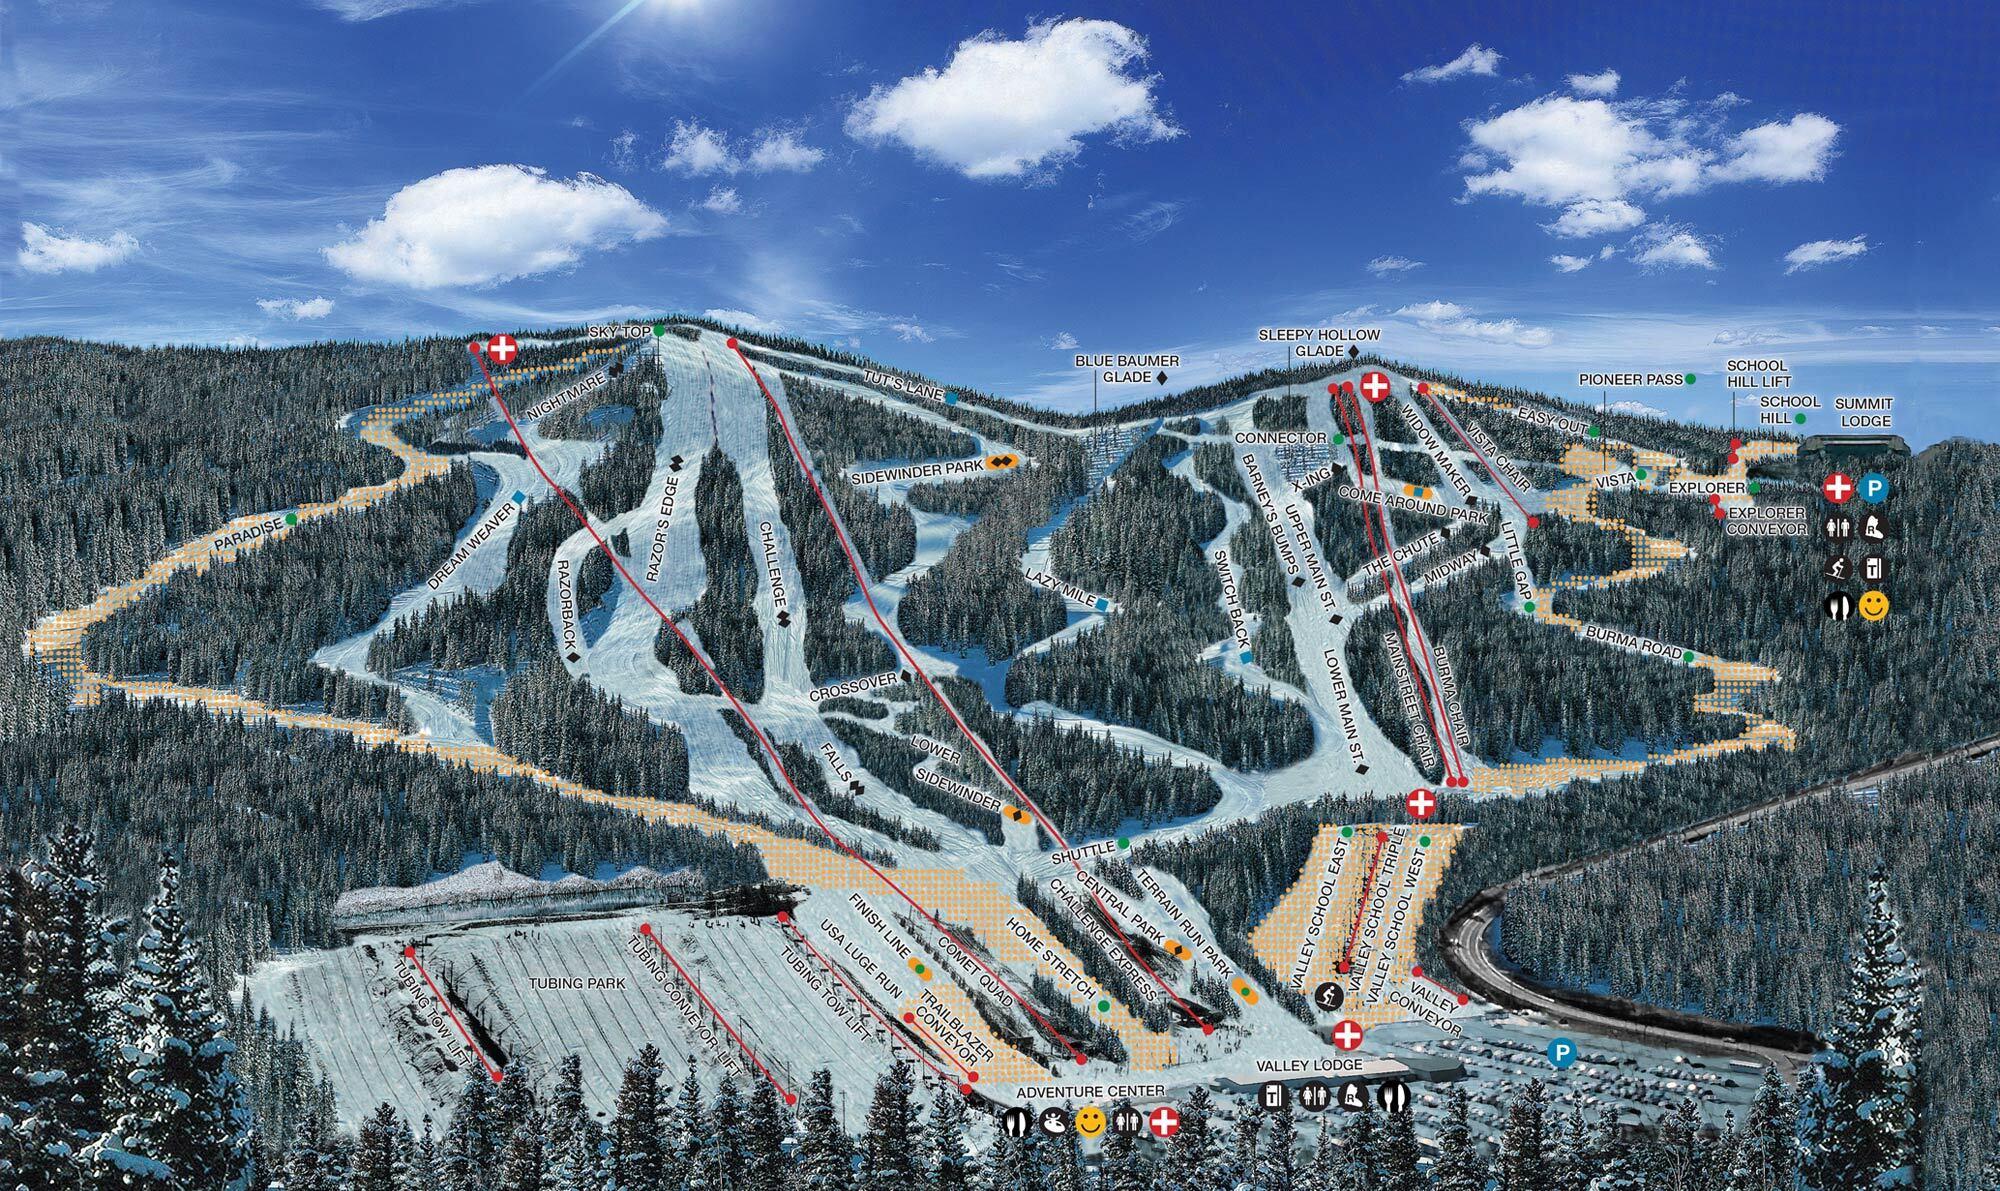 Blue Mountain Ski Resort 15